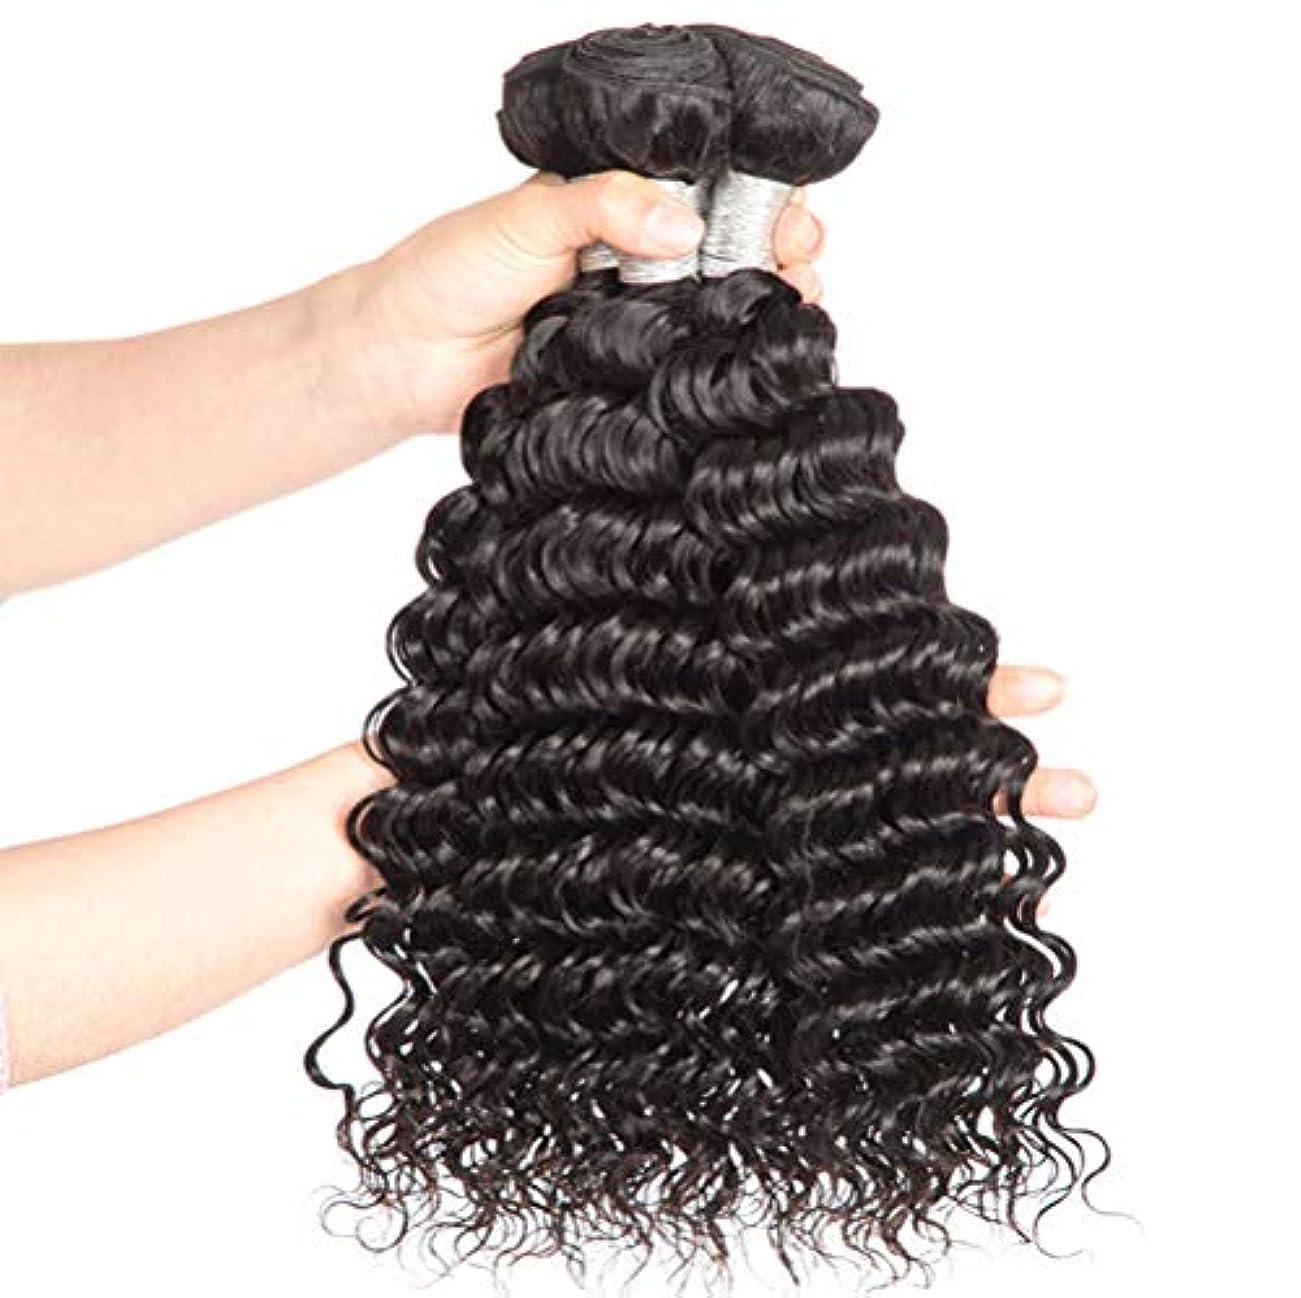 サイト洗剤バーガー女性150%密度髪織り未処理のブラジルの深い巻き毛の束本物の人間の髪の束バージンブラジルの髪の束